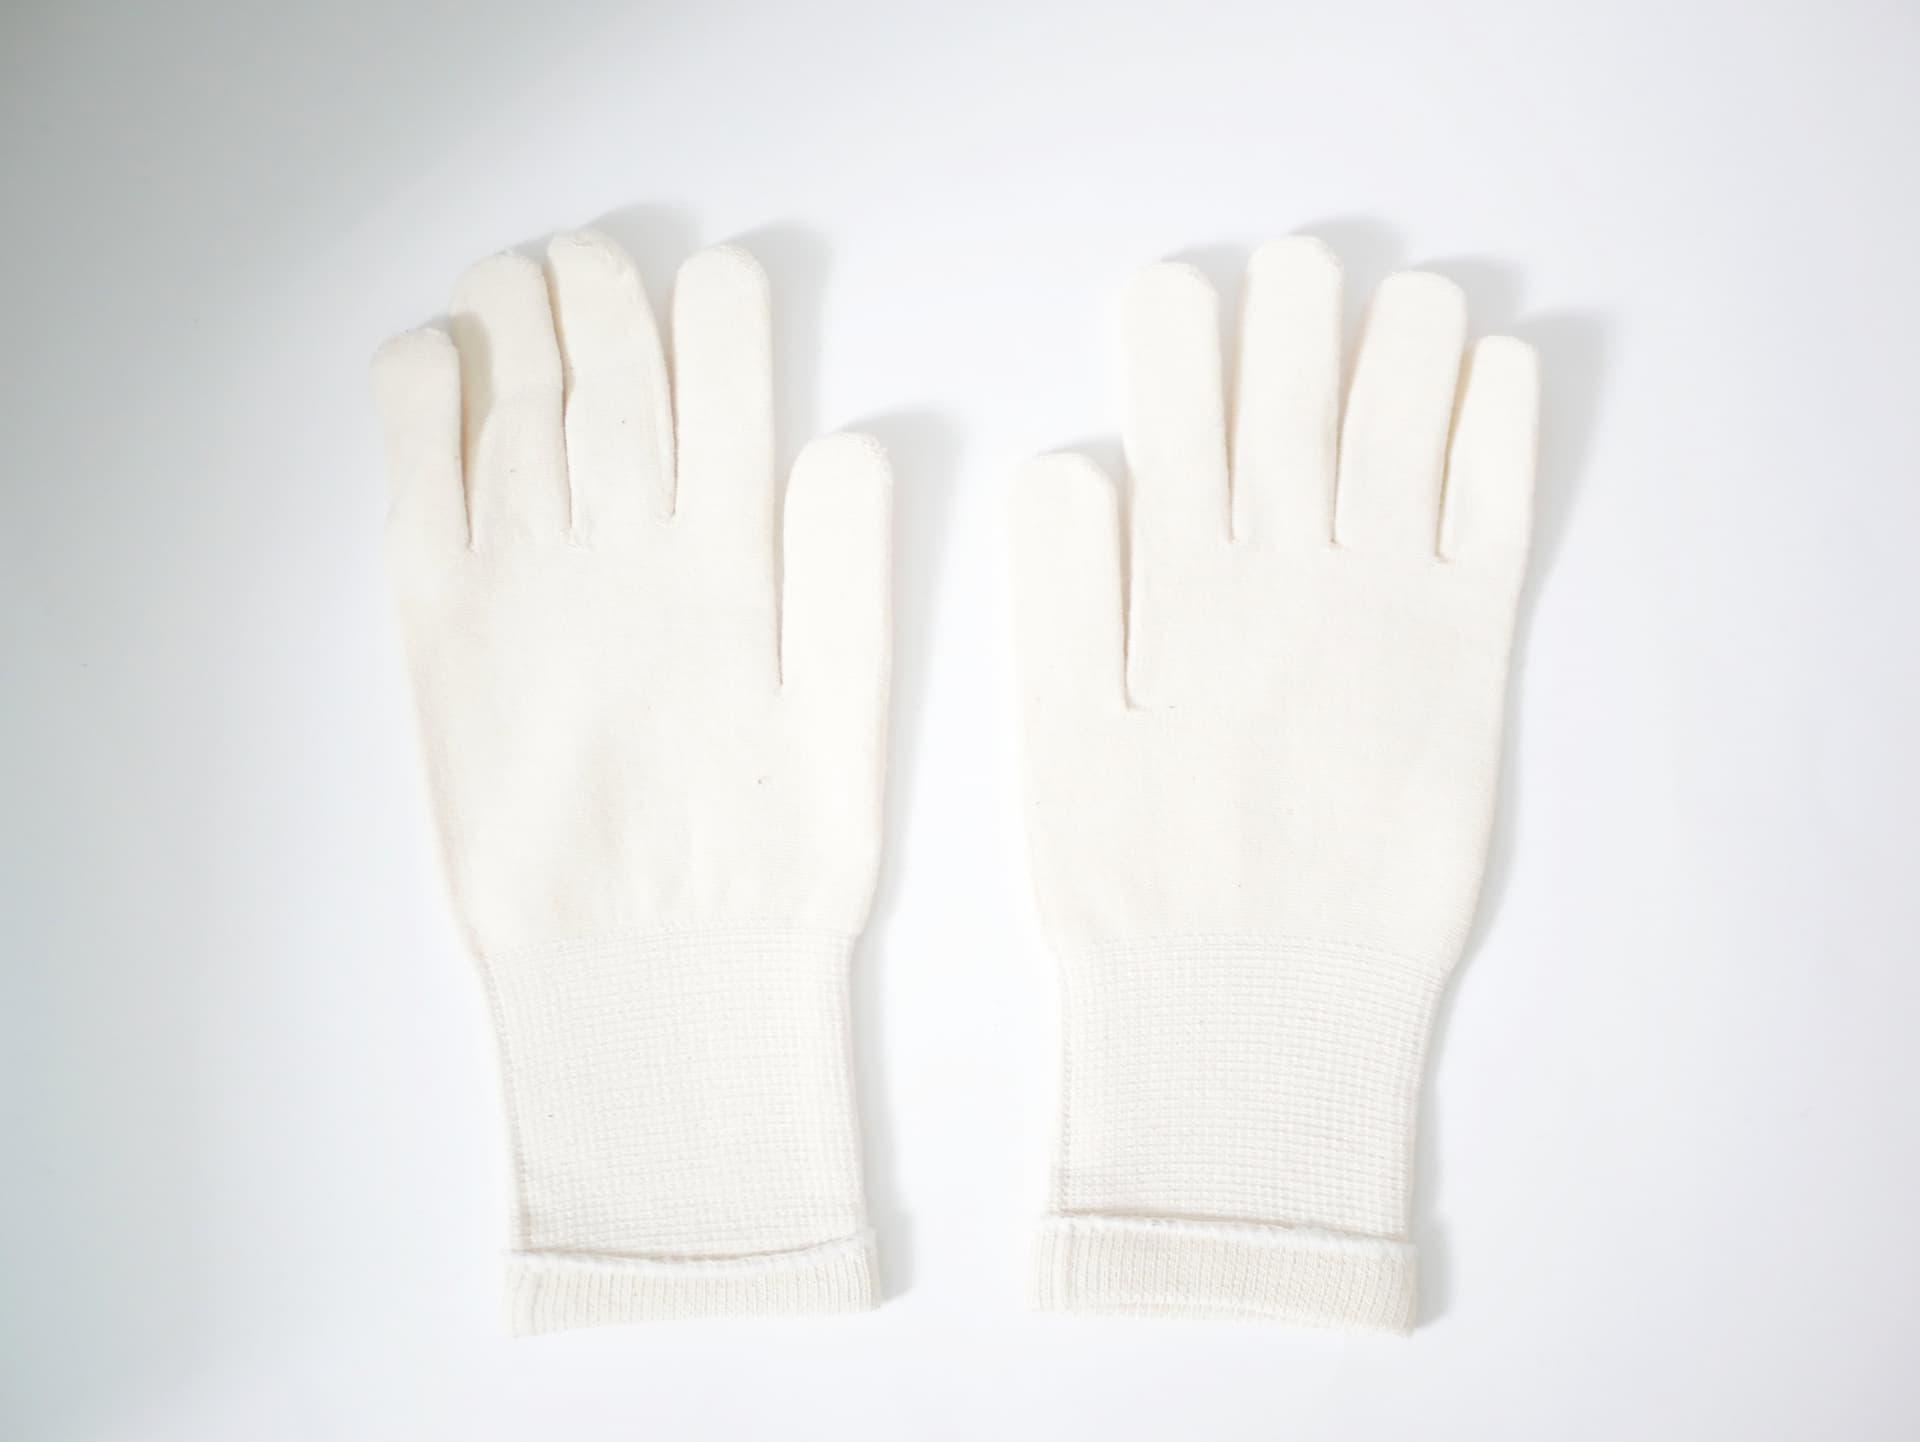 NANOMIX おやすみ手袋